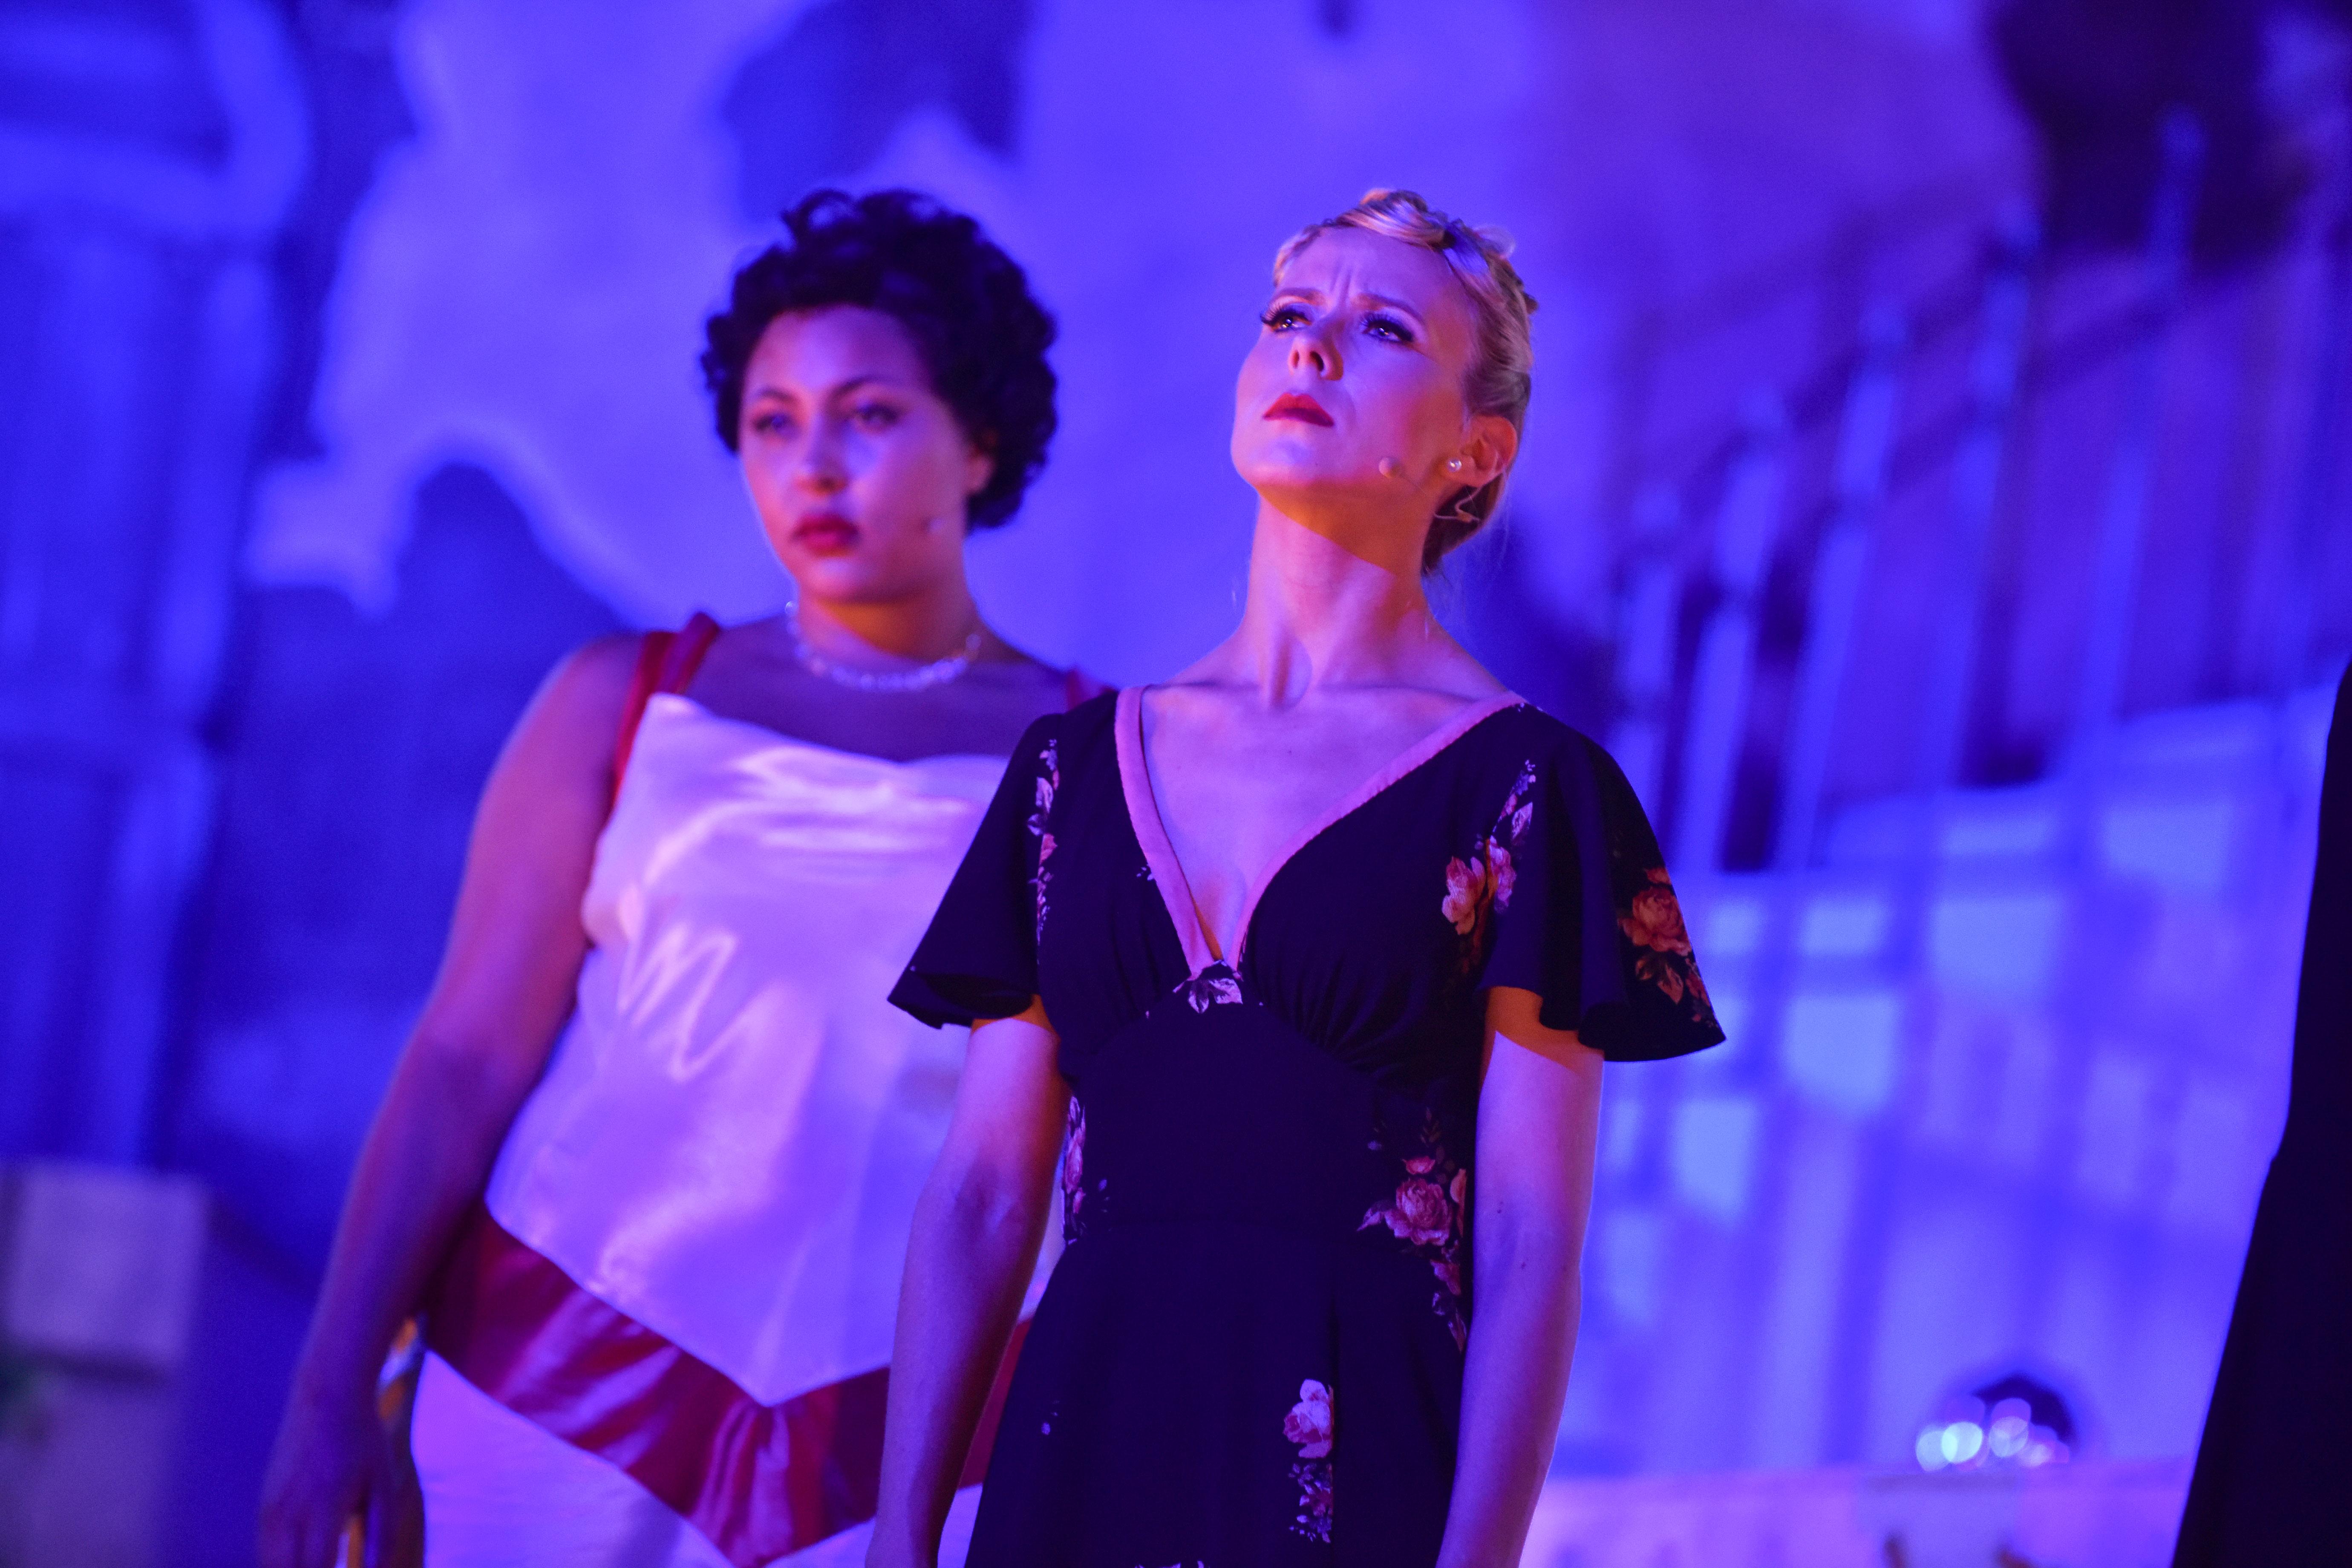 Act 5 ladies